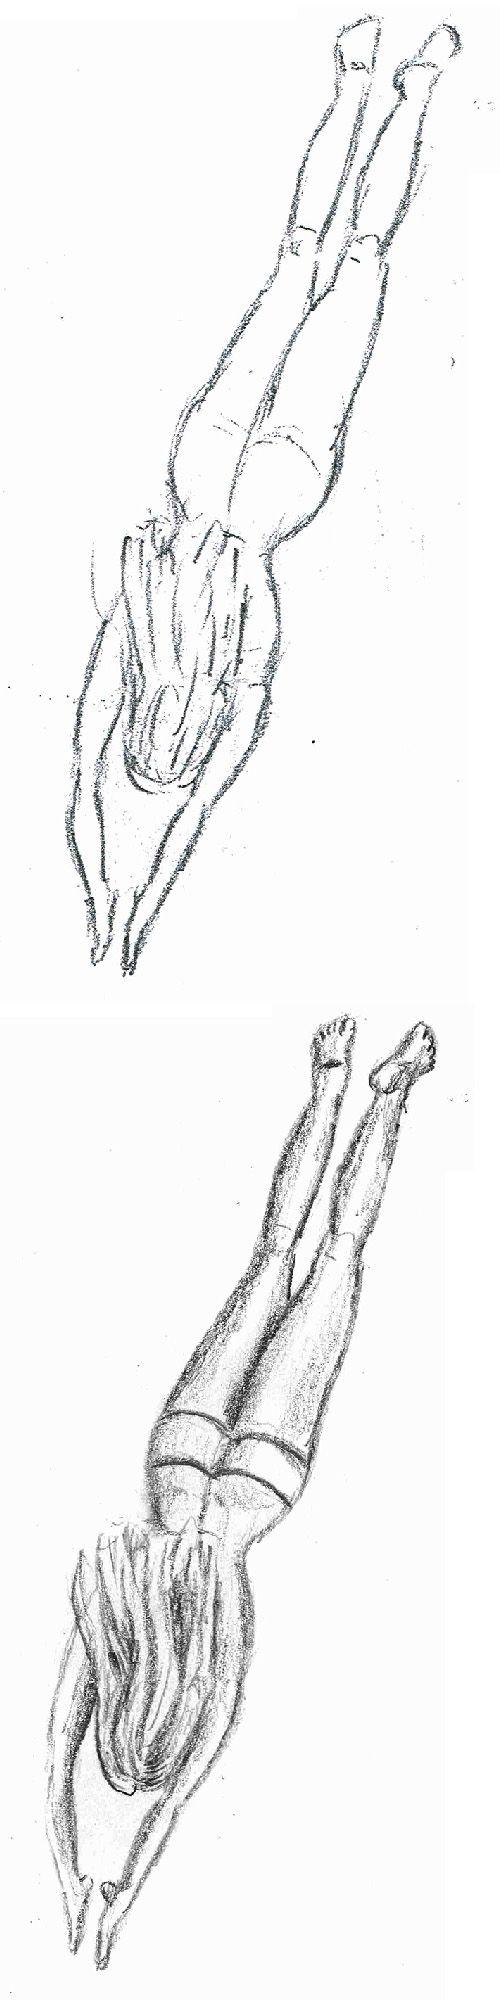 Een vrouw duikt in het water - schets met potlood - boven de ruwe vormen | onder de uitgewerkte tekening